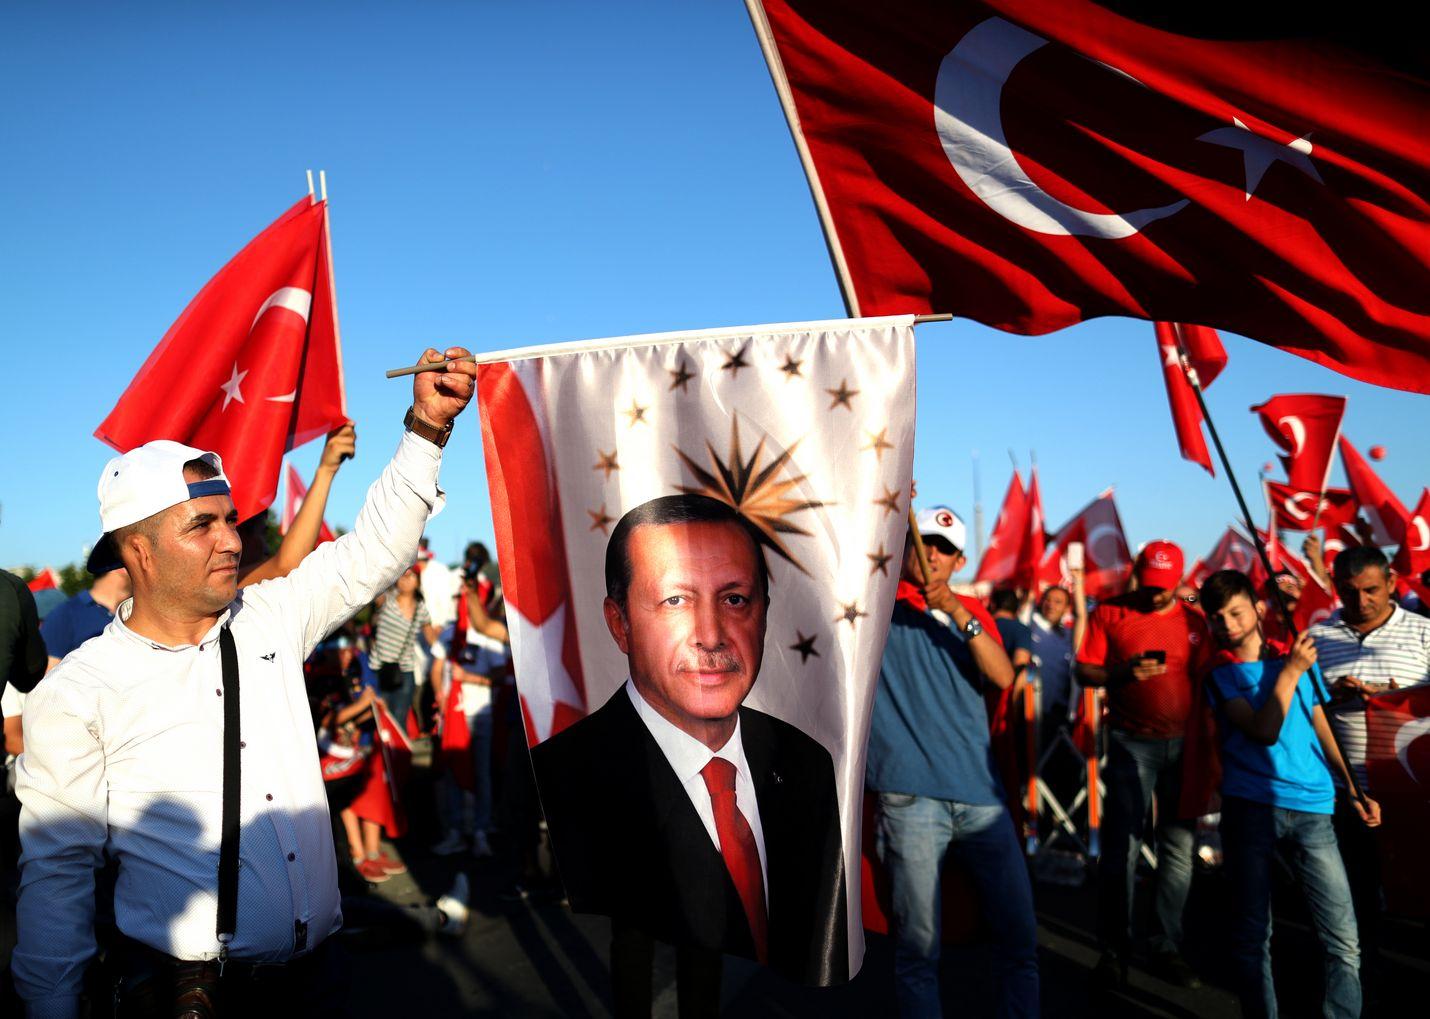 Istanbulissa järjestettiin suuri yleisötilaisuus vallankaappausyrityksen toisena vuosipäivänä heinäkuussa 2018. Monet kantoivat Turkin lippuja tai presidentti Recep Tayyip Erdoganin kuvia.